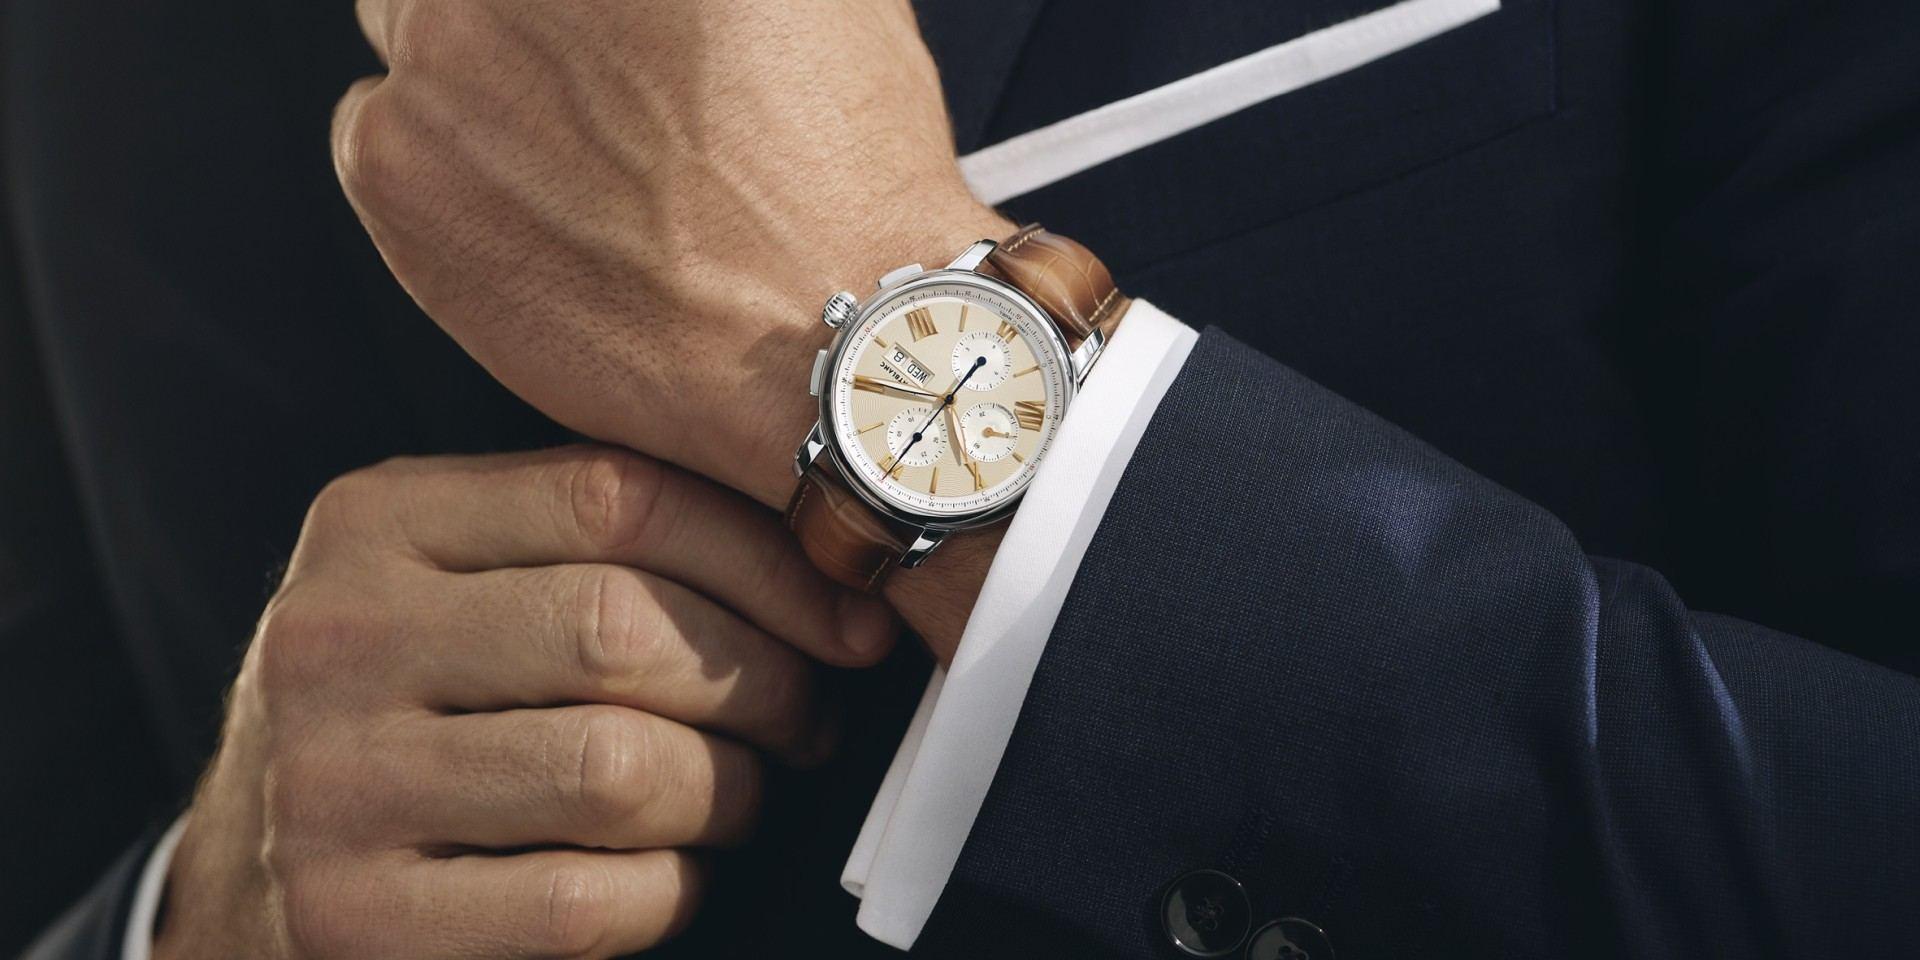 【2020線上錶展】盡顯紳士優雅風範:萬寶龍Star Legacy明星傳承系列腕錶